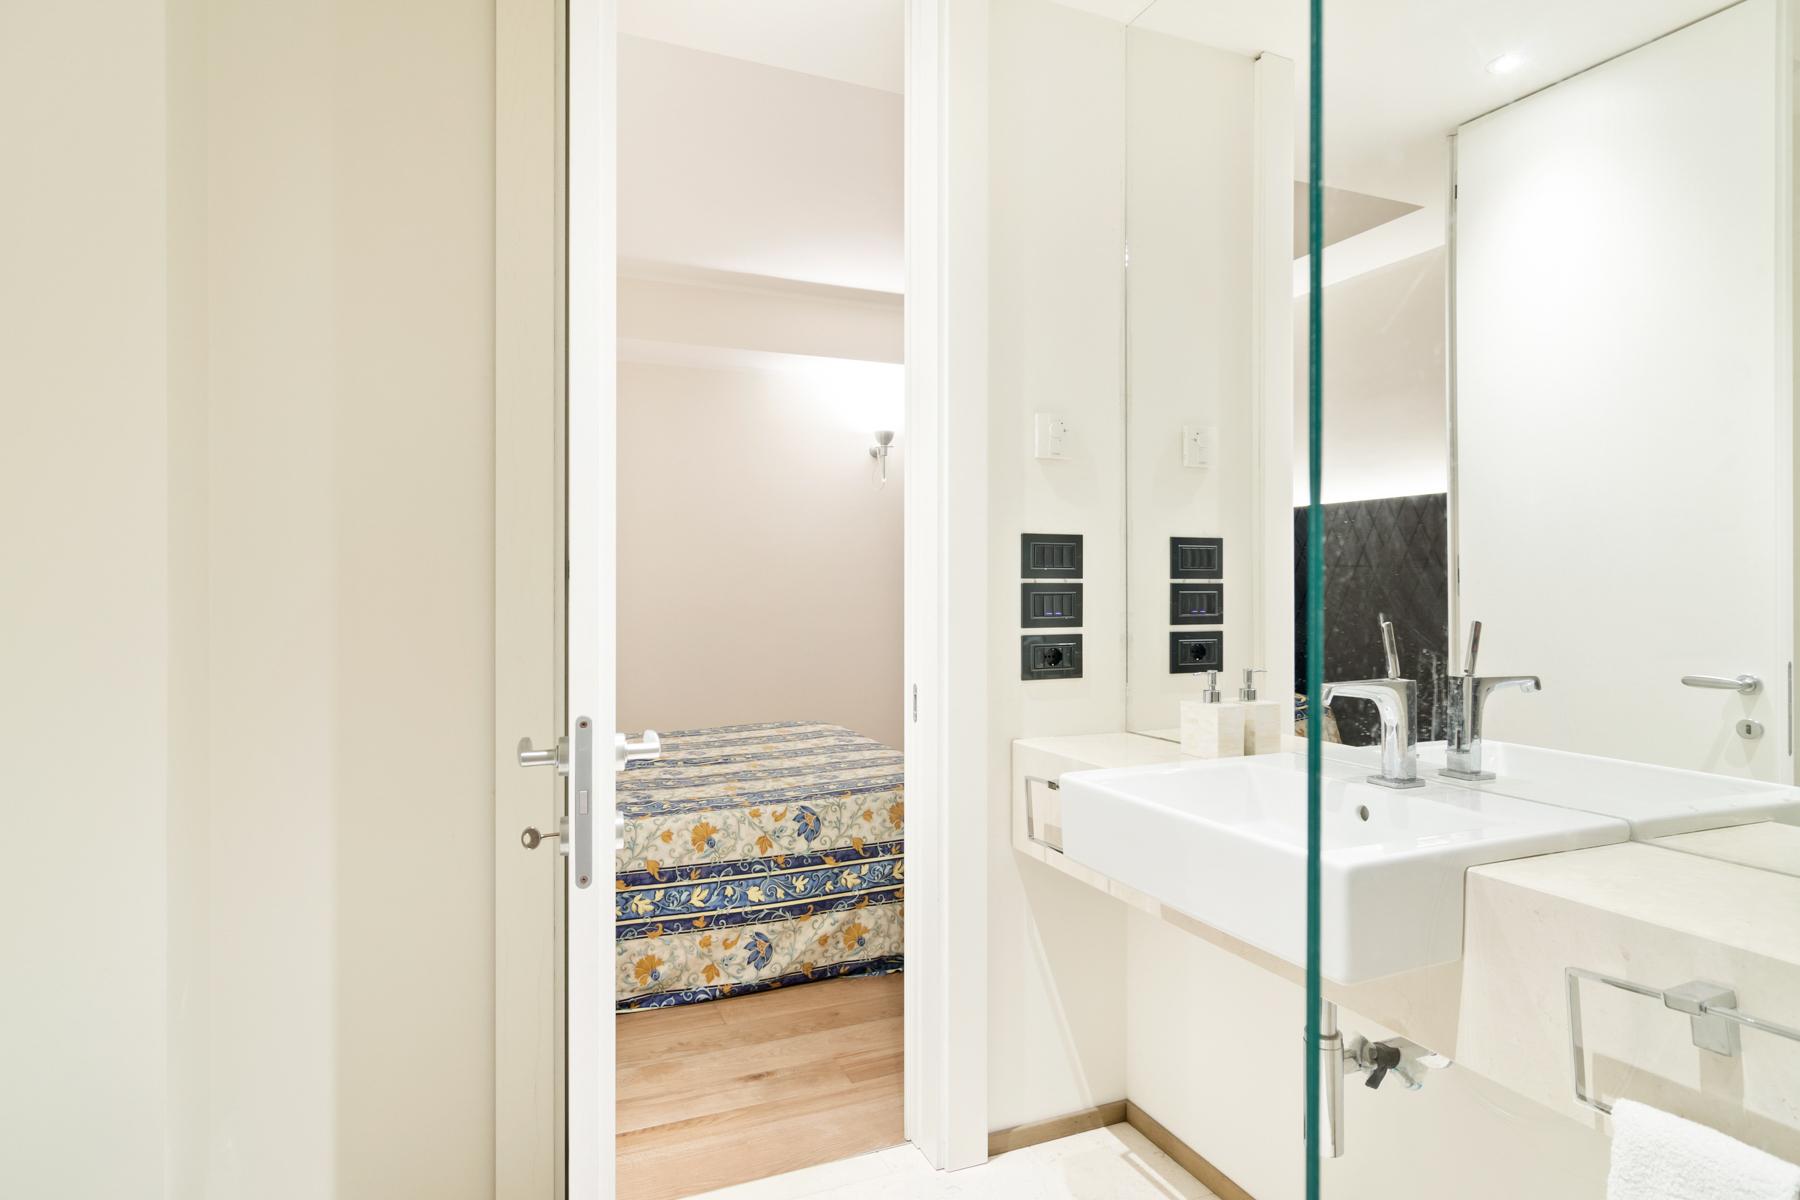 Appartamento in Vendita a Santa Margherita Ligure: 4 locali, 124 mq - Foto 17